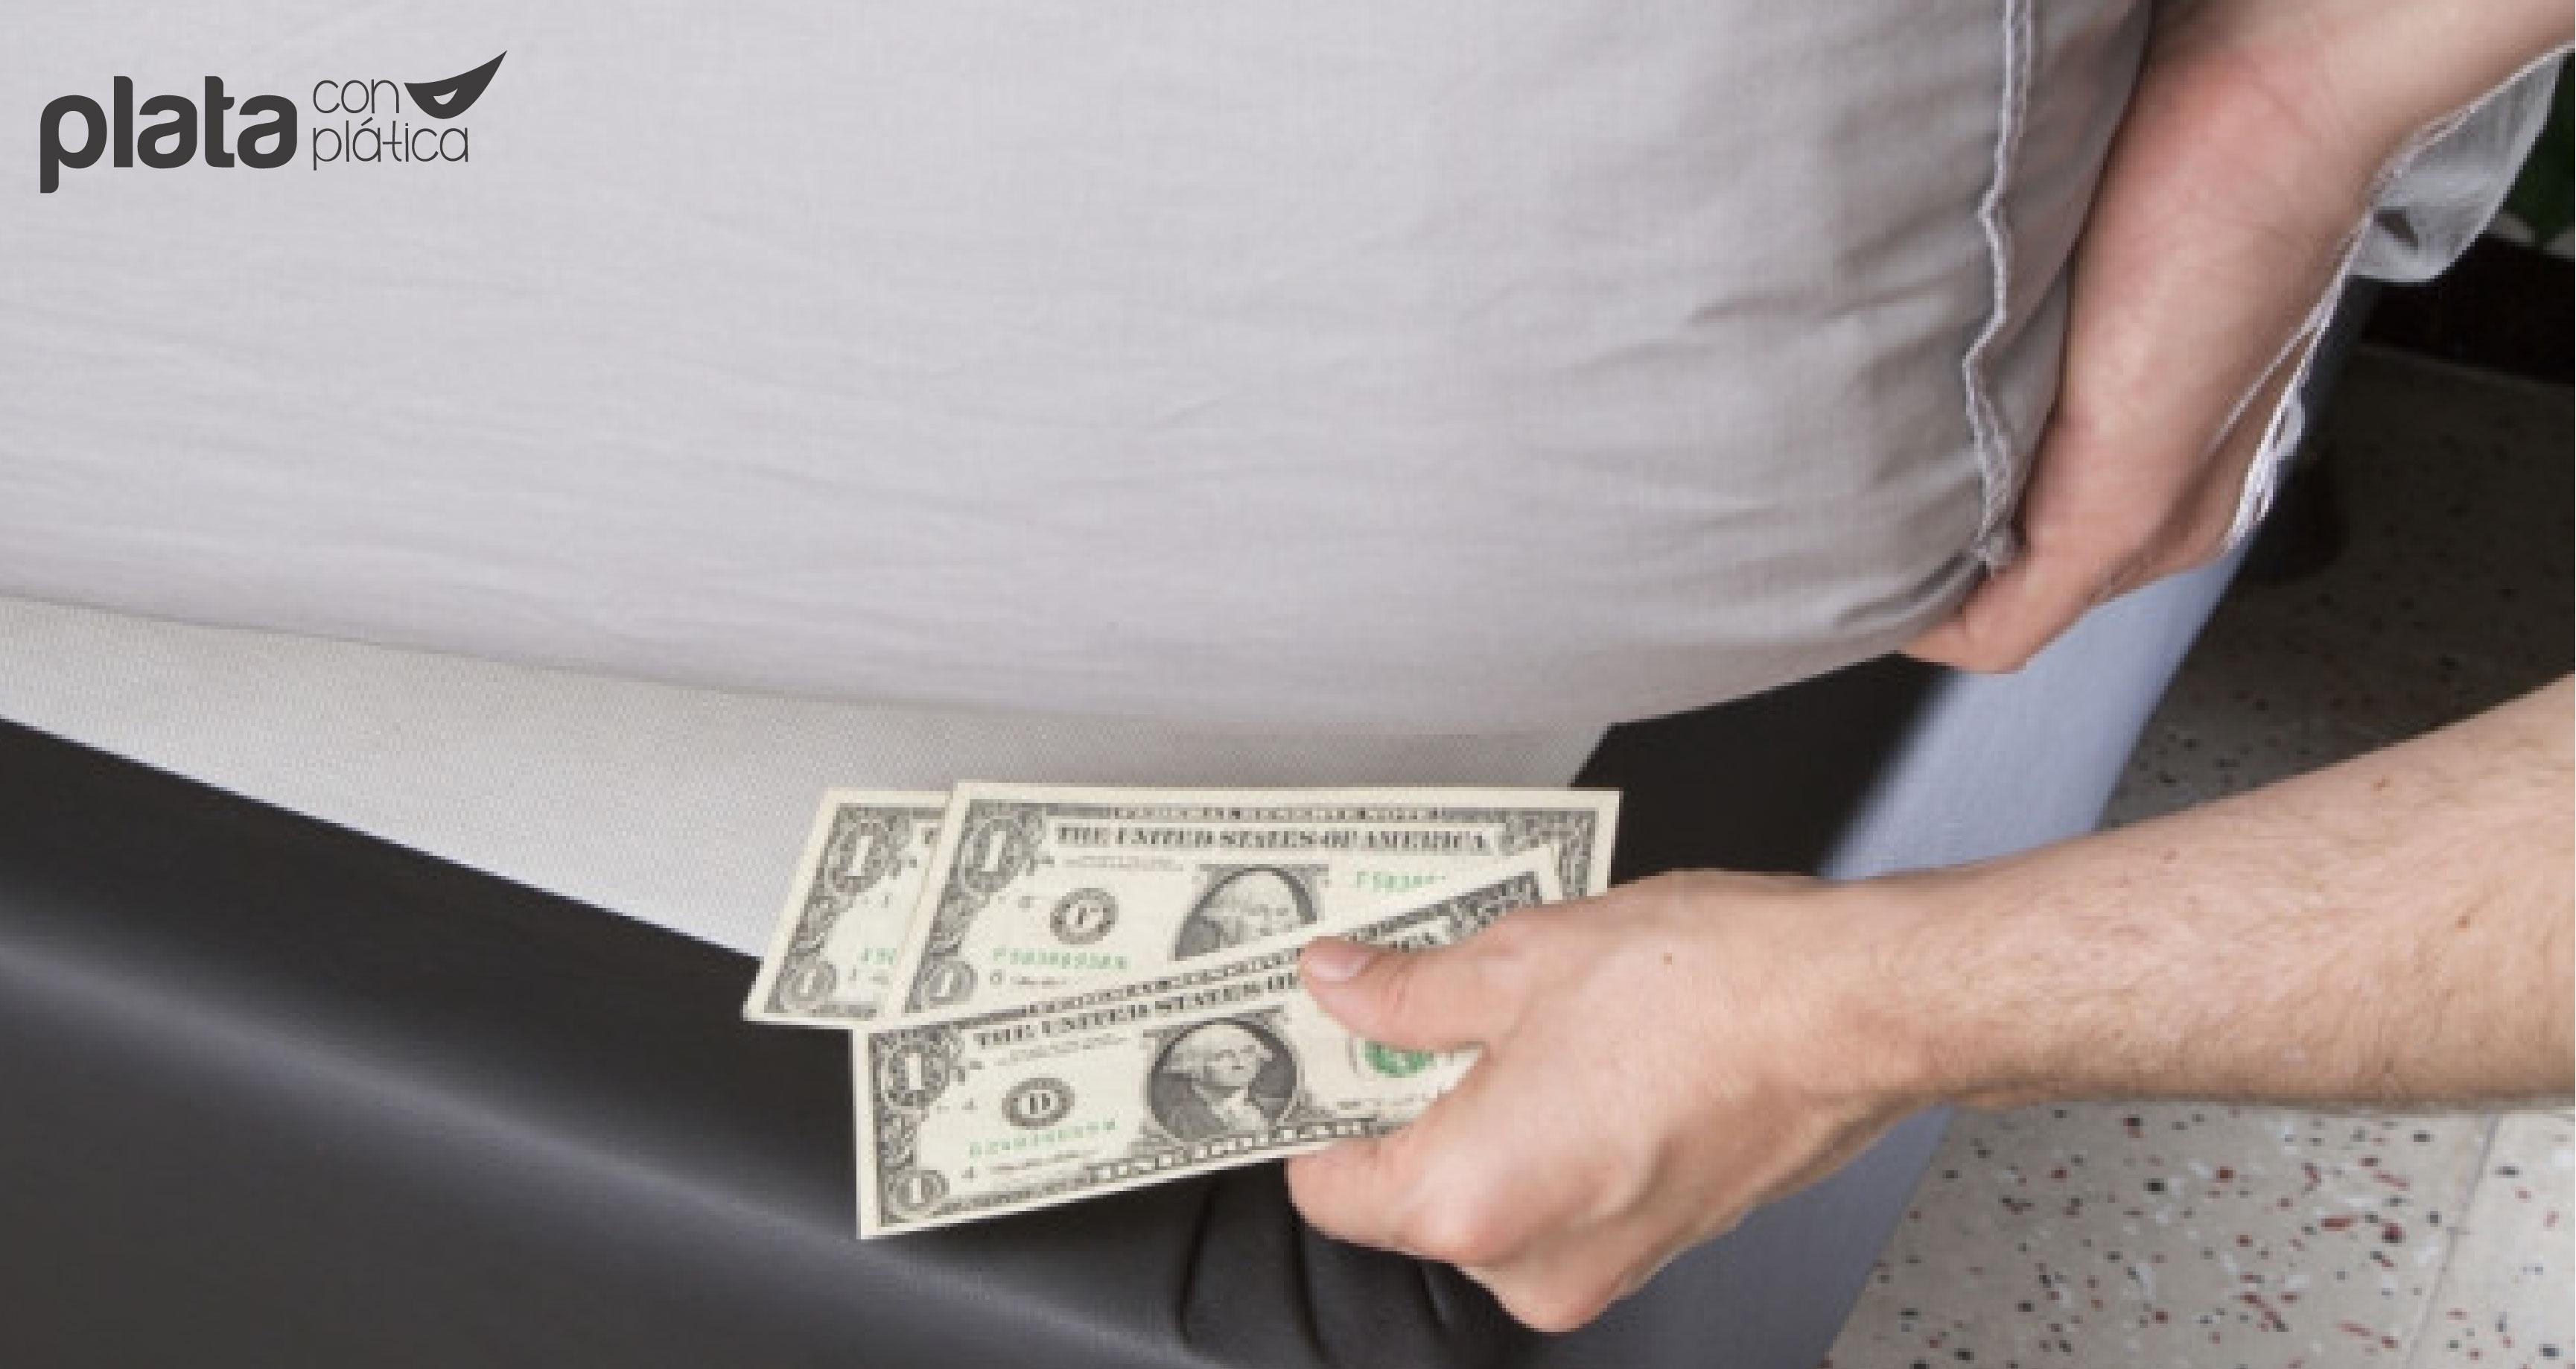 dinero debajo del colchón 01 | Plata con Plática